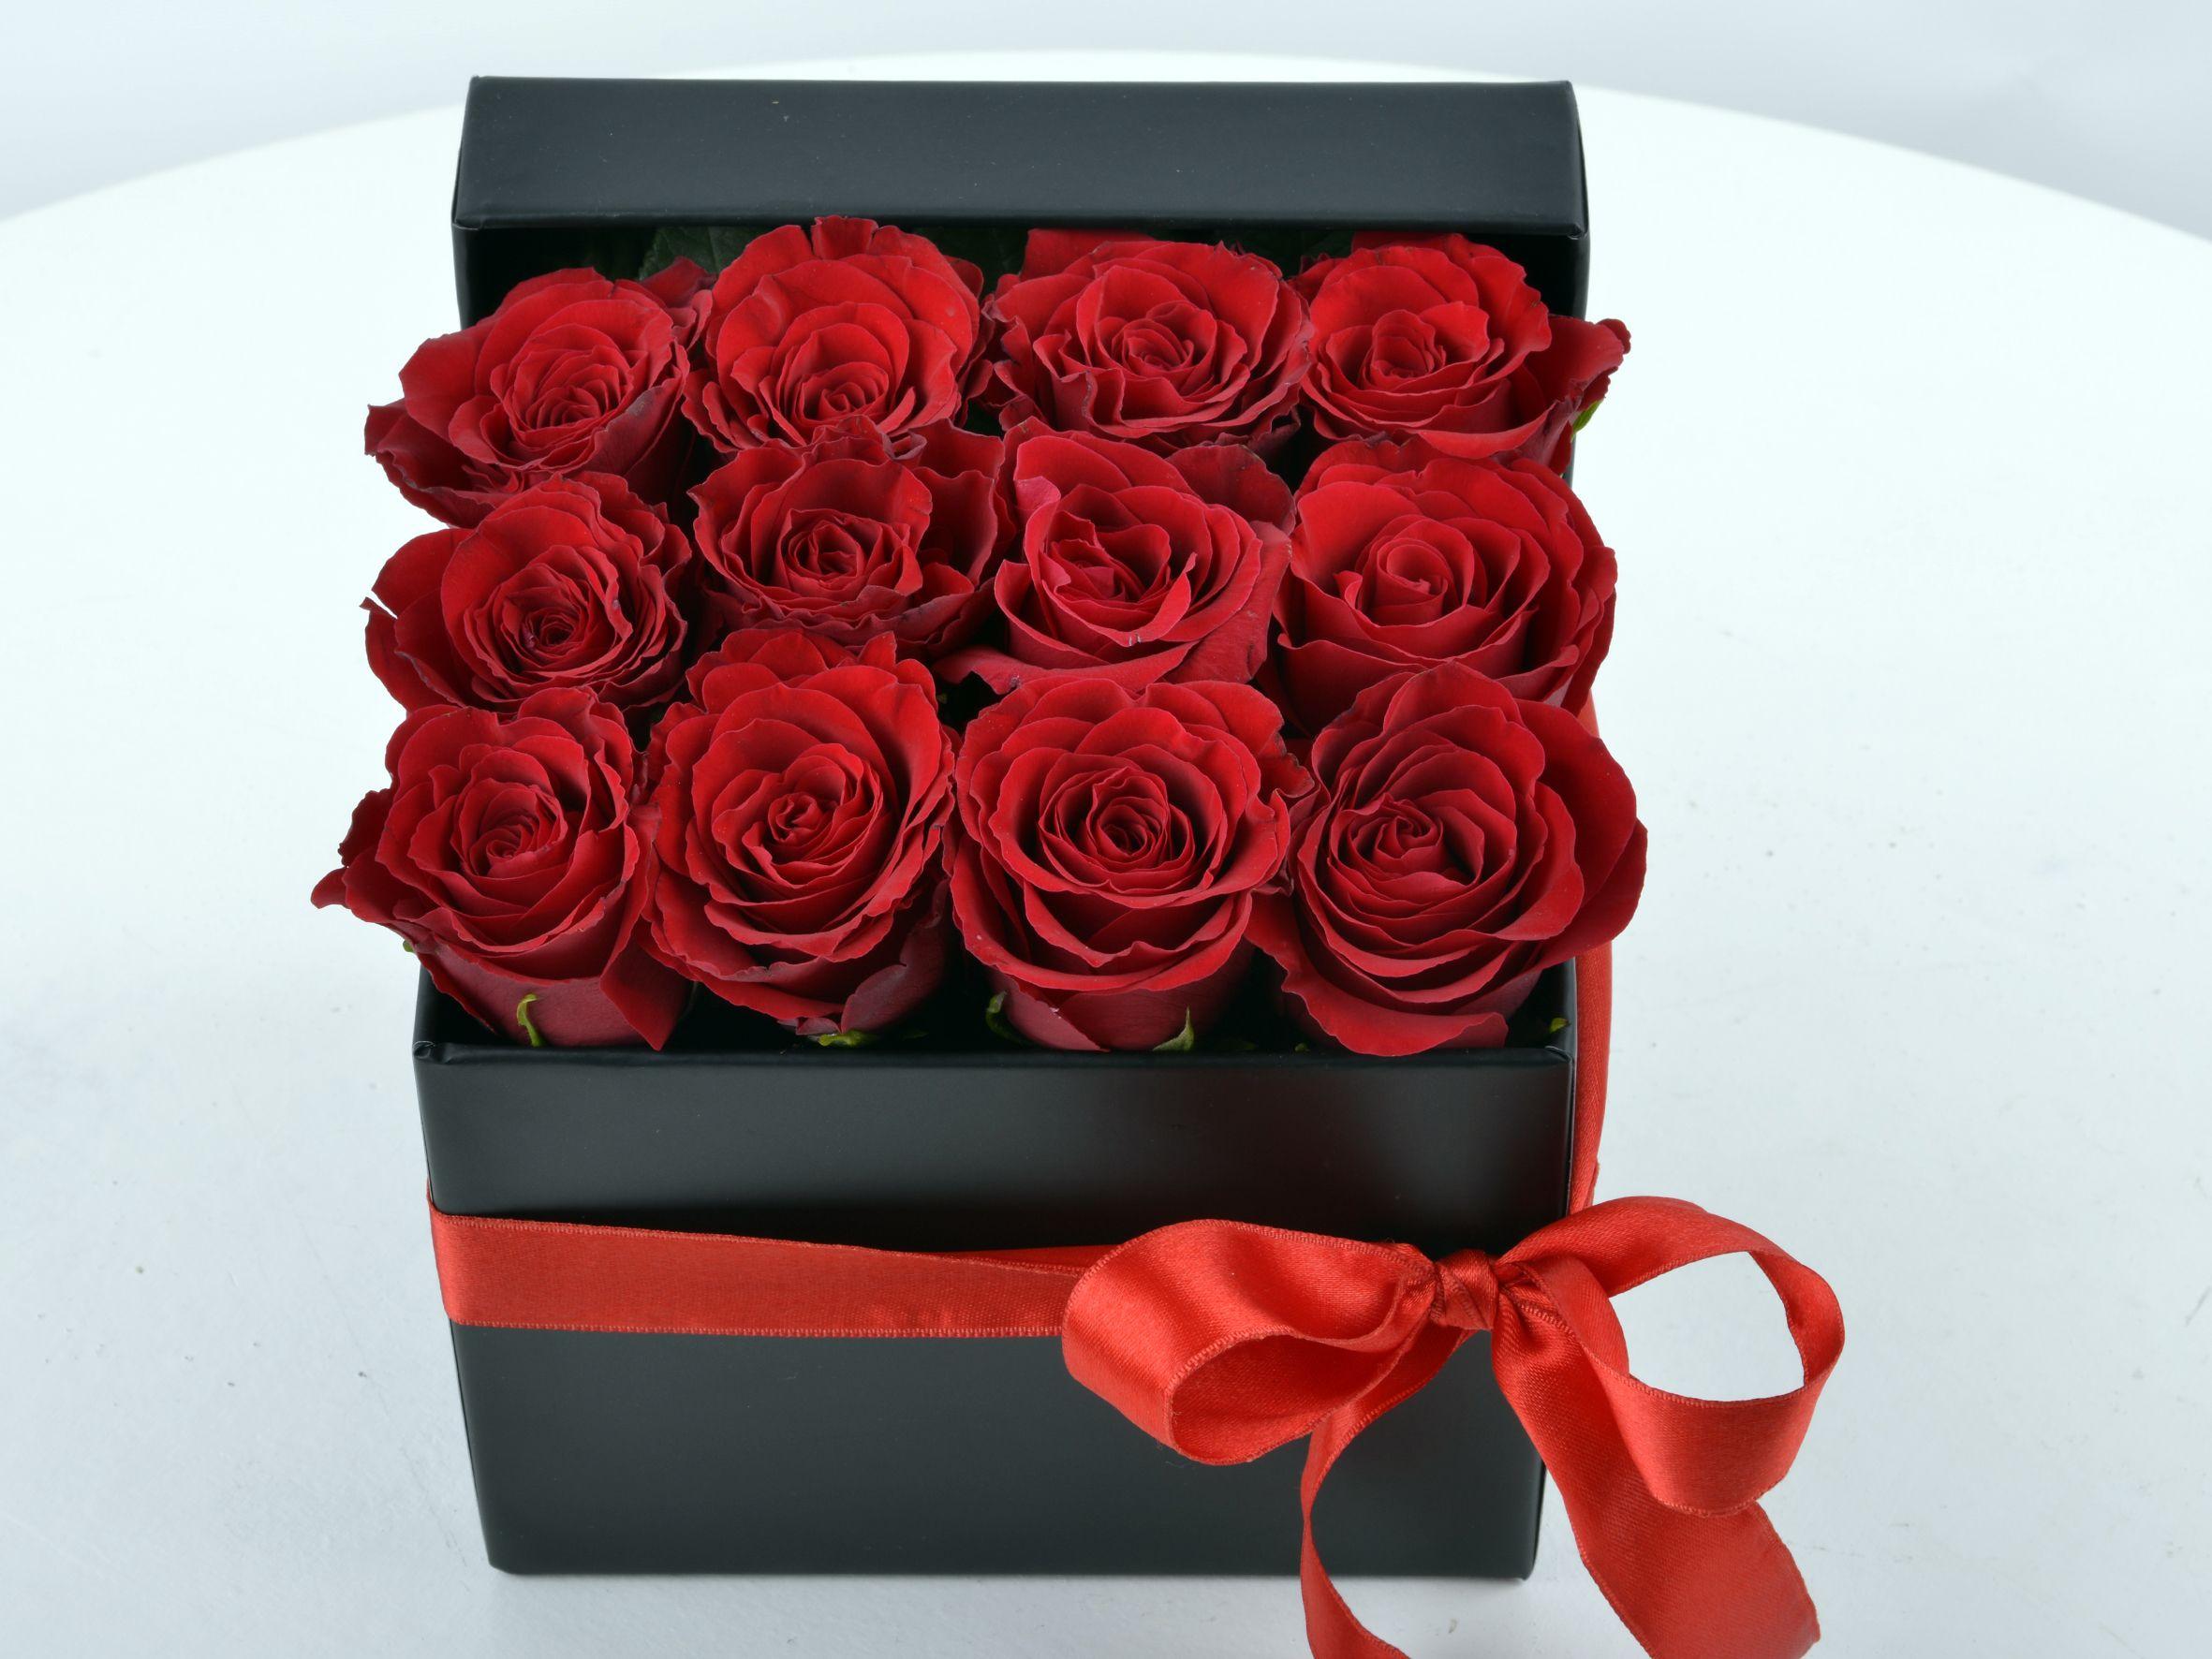 Siyah Hediyelik Kutuda Bir Düzine Kırmızı Gül Kutuda Çiçek çiçek gönder